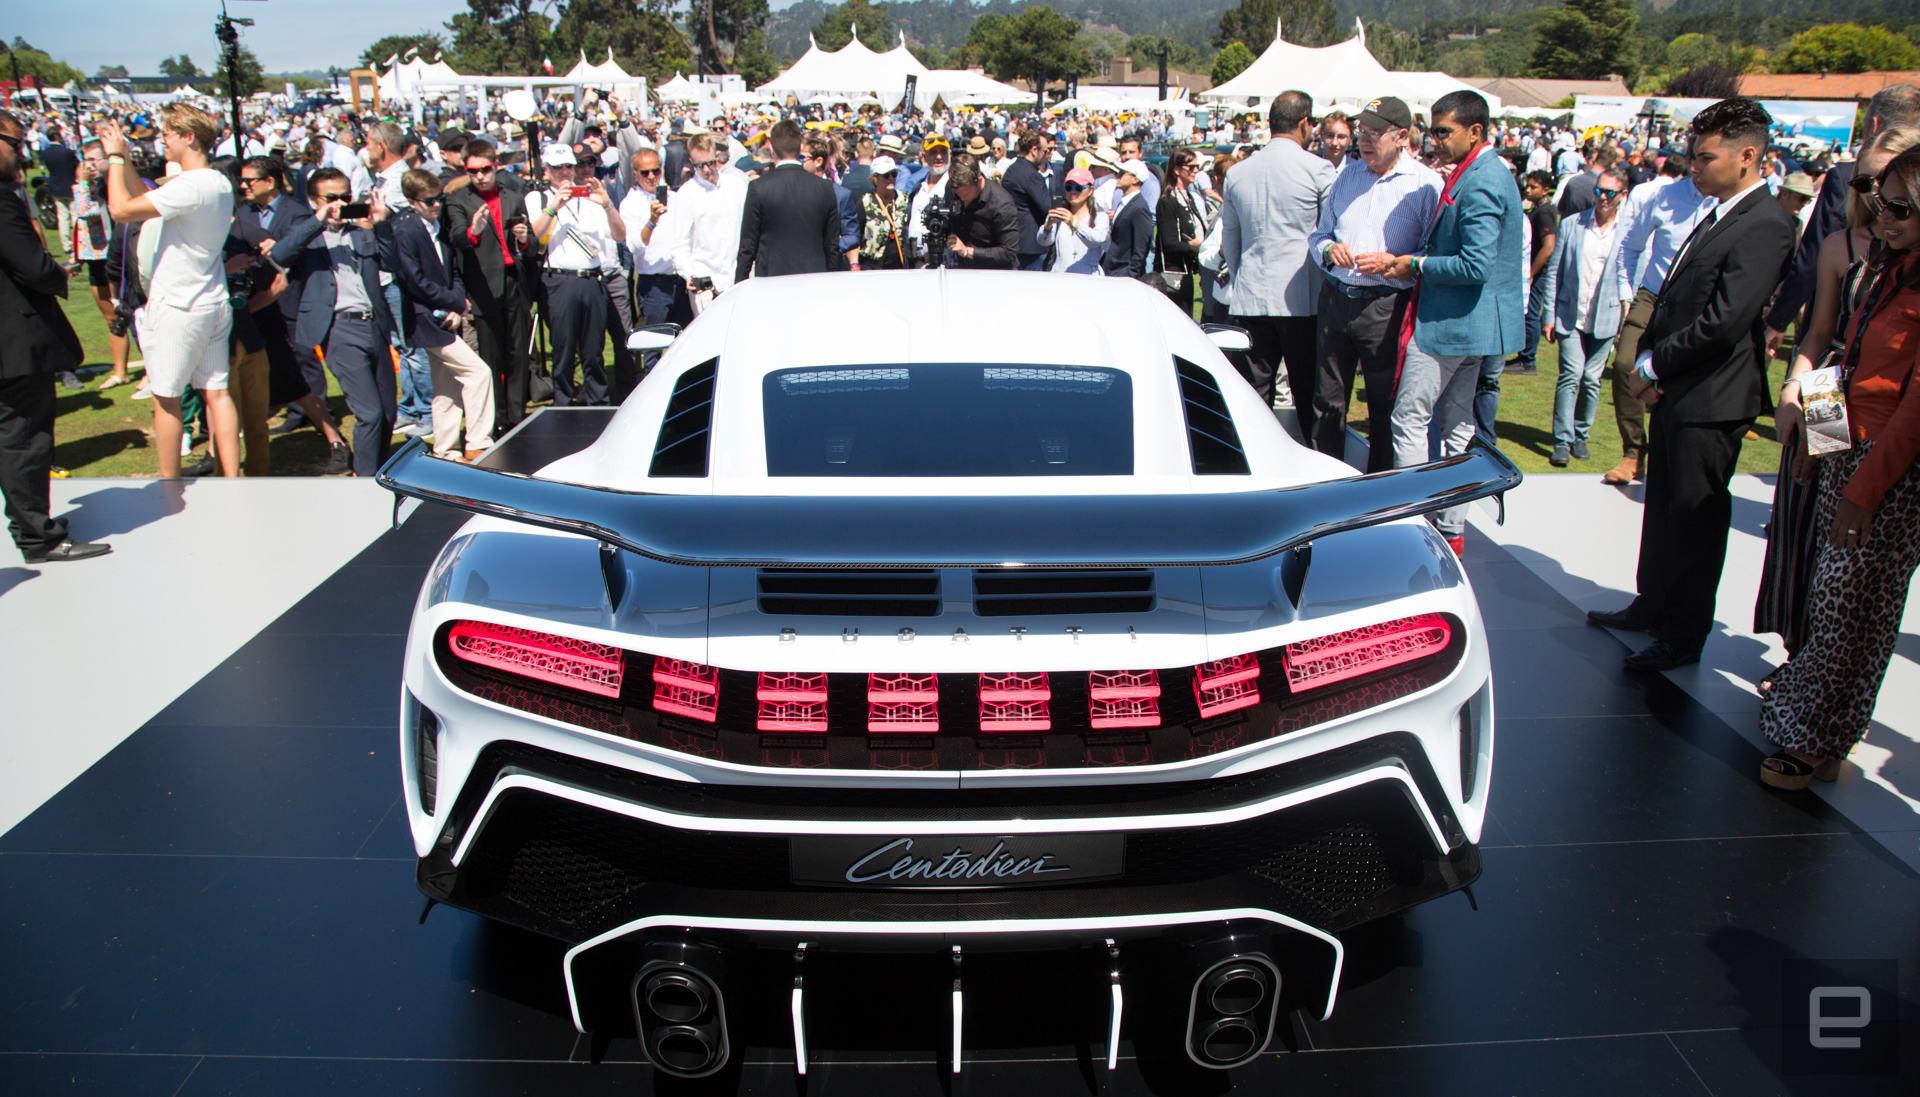 Bugatti Centodieci unveil